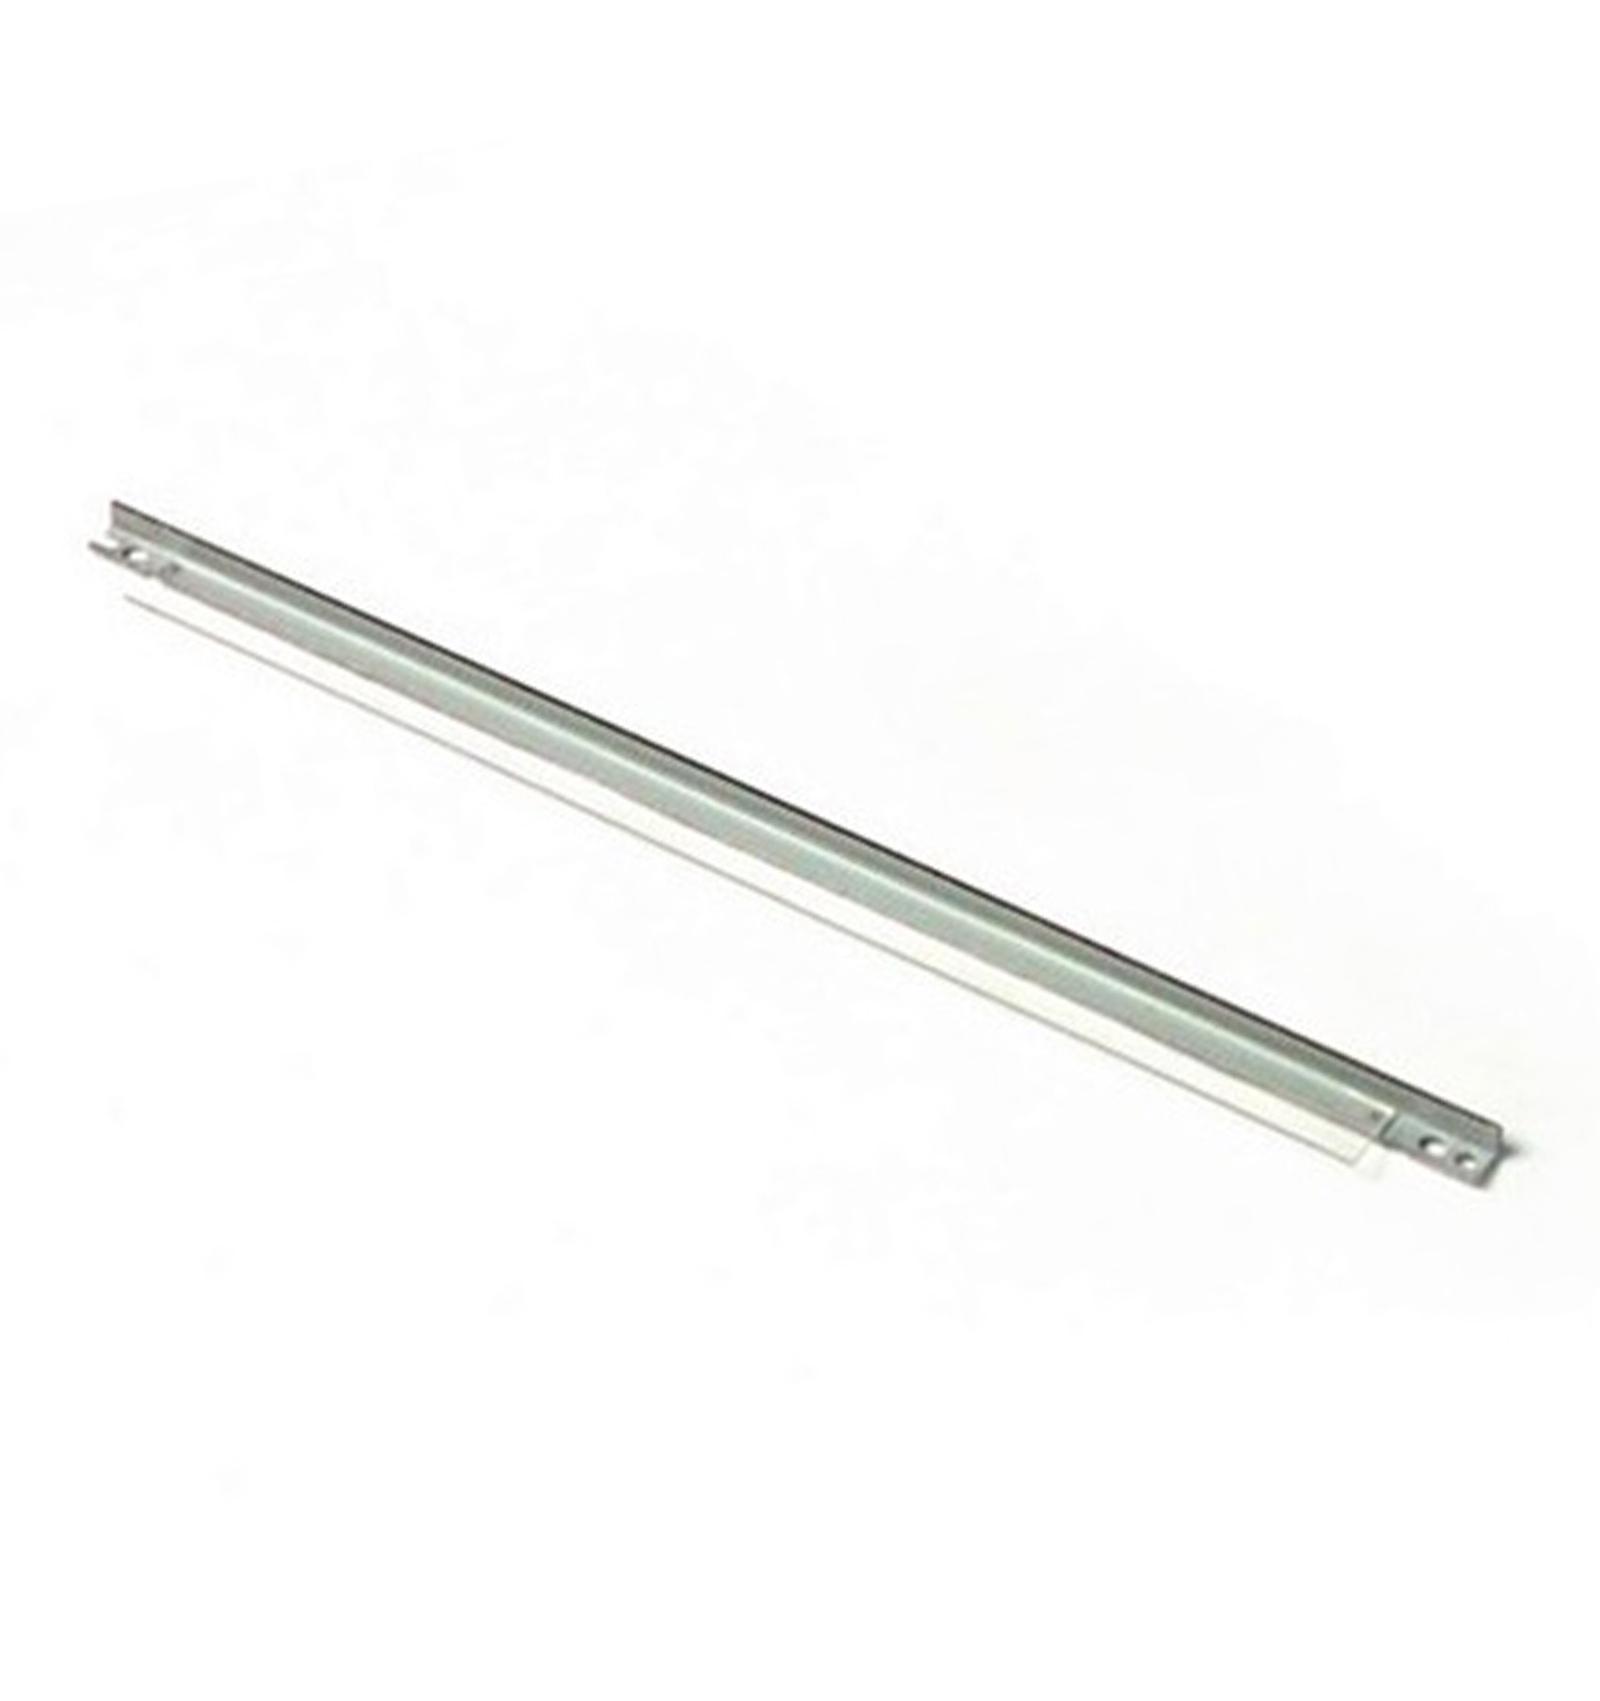 Замена дозирующего лезвия магнитного вала картриджа HP Q6511A/X (11A/X) для LaserJet 2400/2410/2420/2430